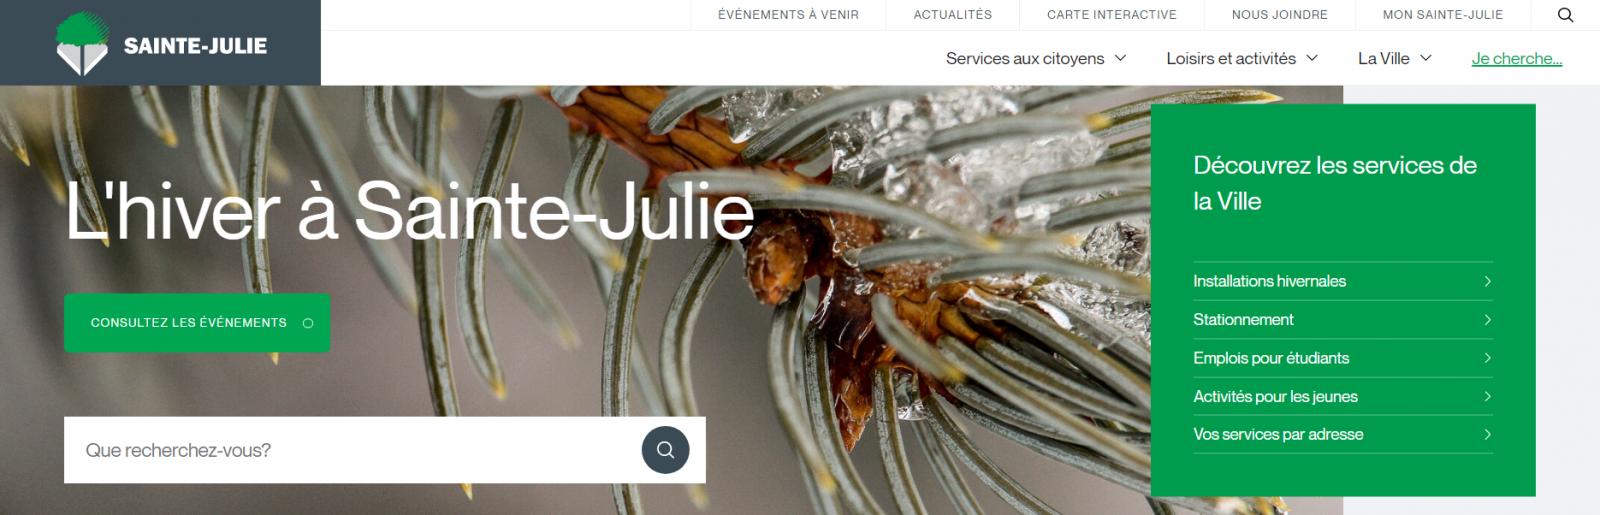 Des modifications au site Web de Sainte-Julie pour améliorer l'expérience des citoyens